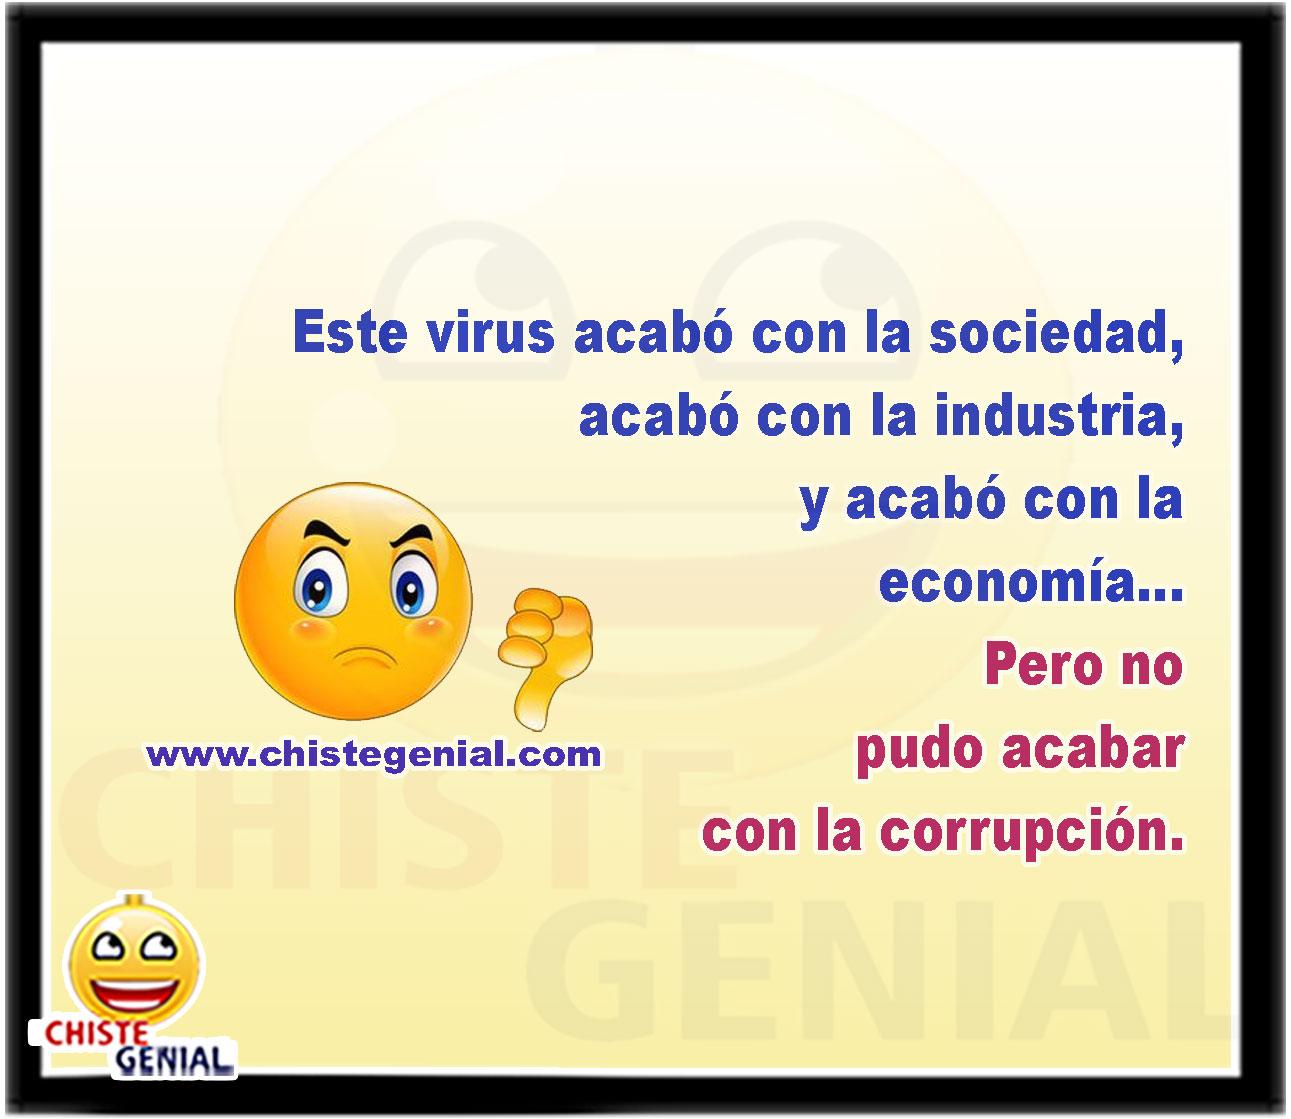 Este virus acabó con la sociedad, acabó con la industria, y acabó con la economía... Pero no pudo acabar con la corrupción.